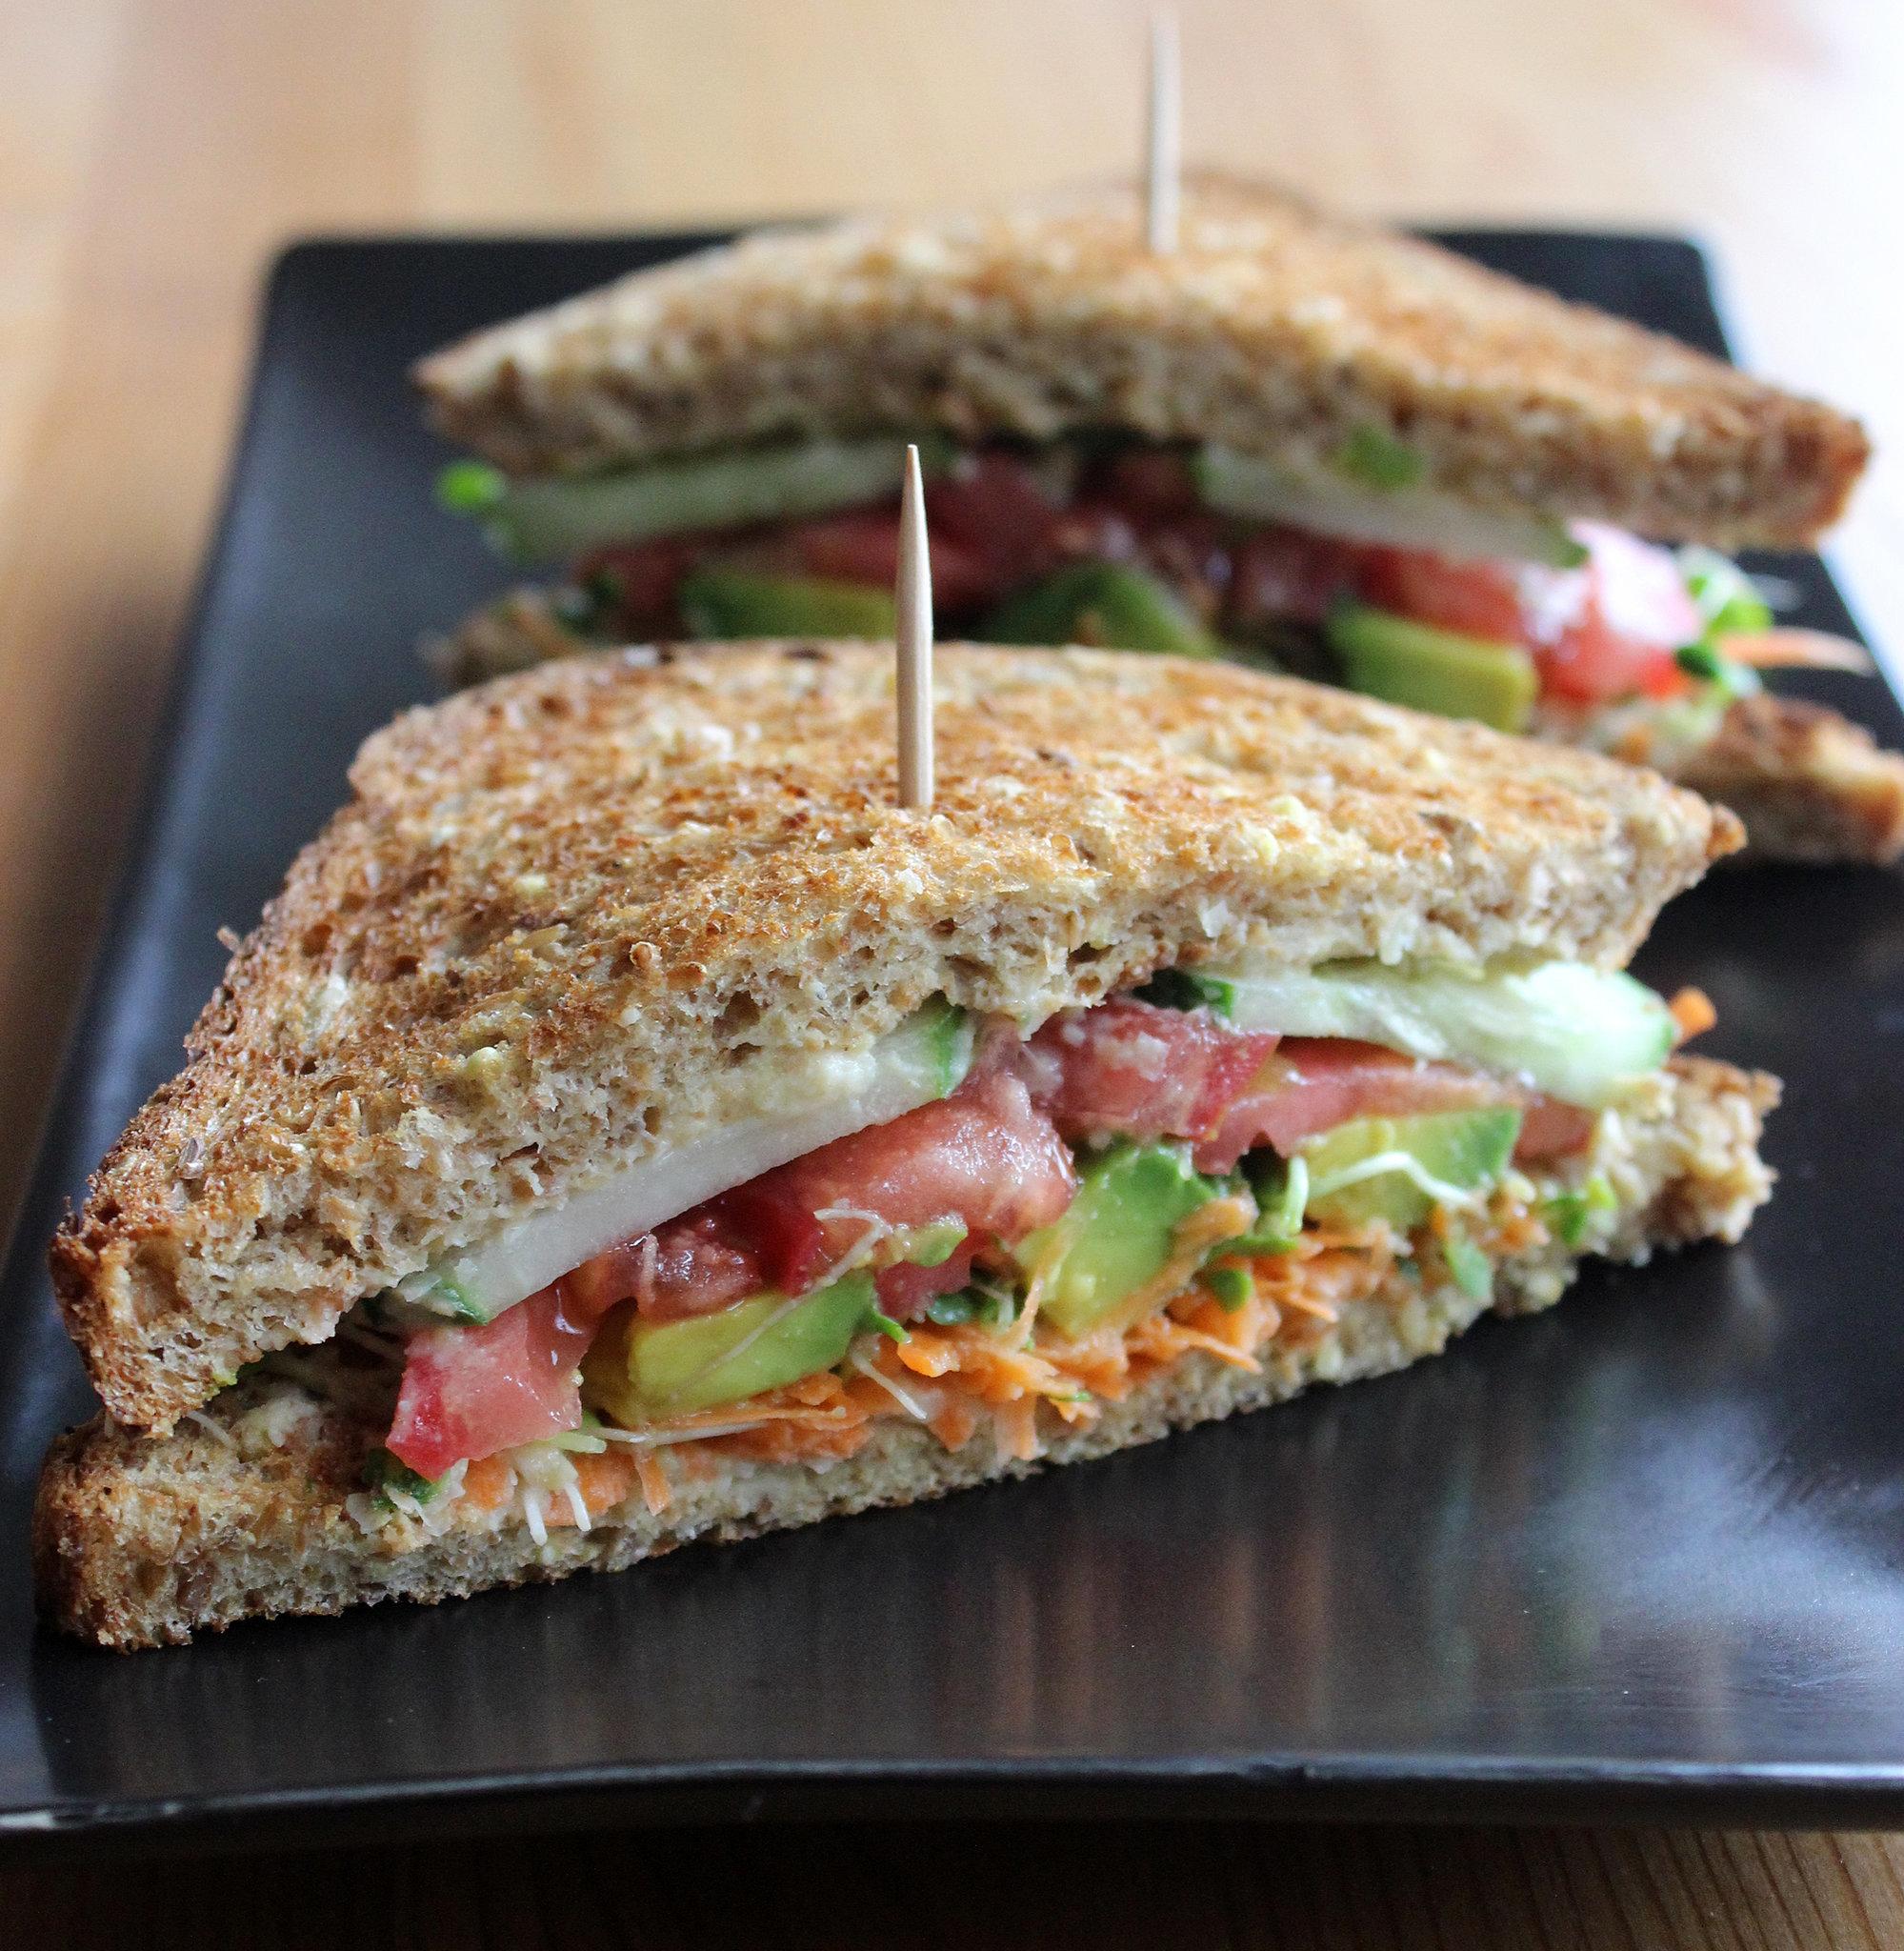 Hummus and Veggie Sandwich | 18 Healthy Sandwich Ideas That Make ...